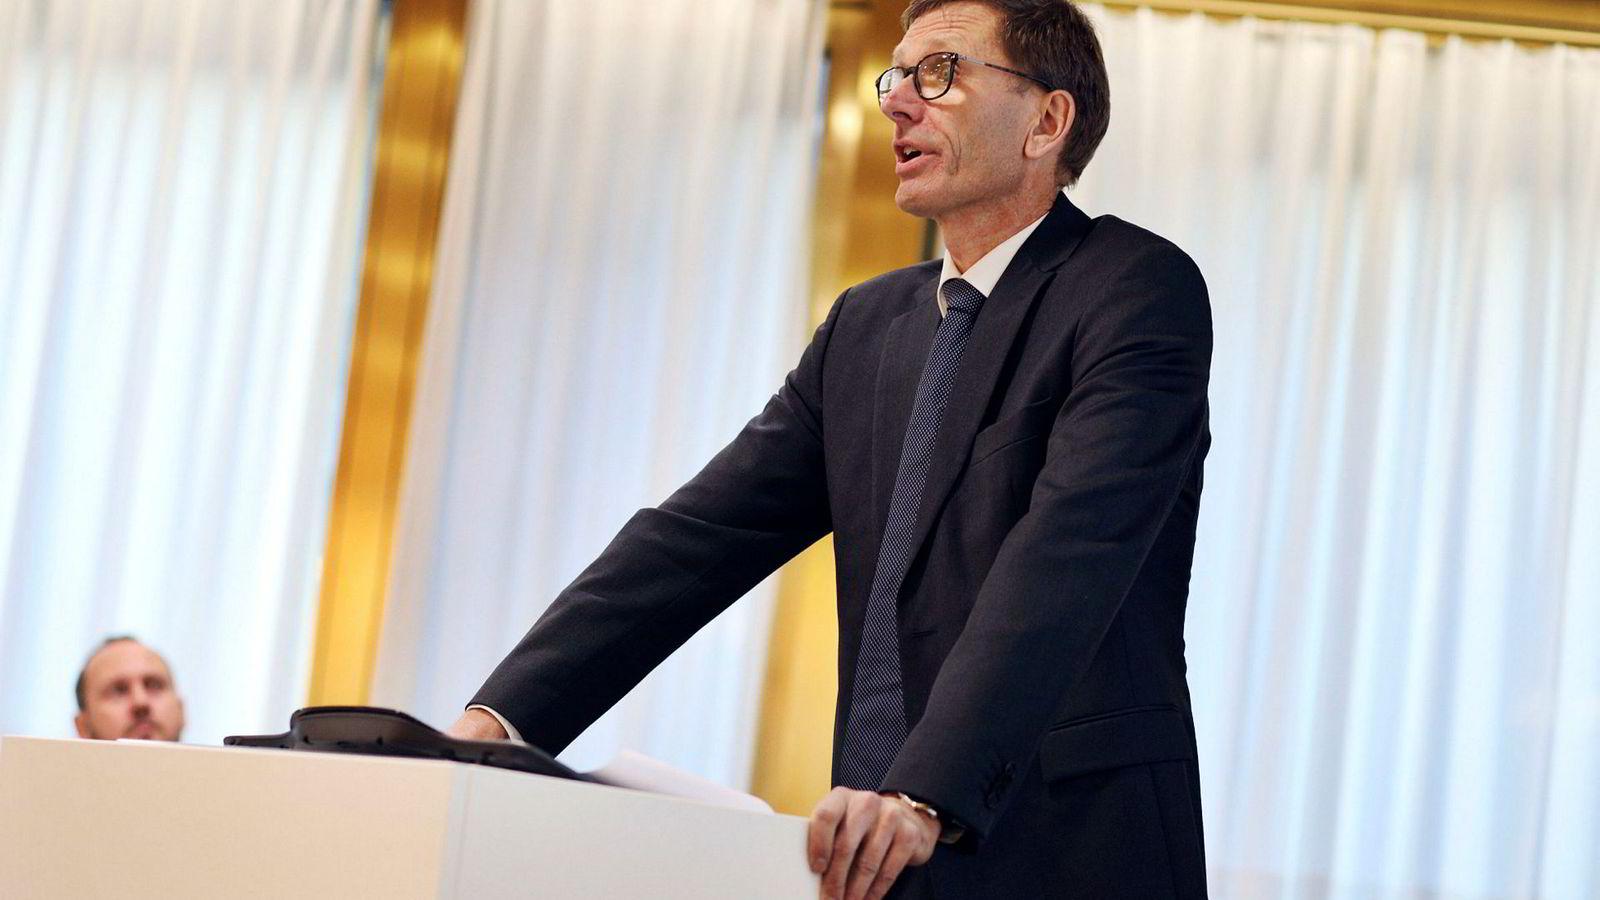 Finansiell direktør i Norges Bank Torbjørn Hægeland presenterte innholdet i rapporten Finansiell stabilitet torsdag formiddag.